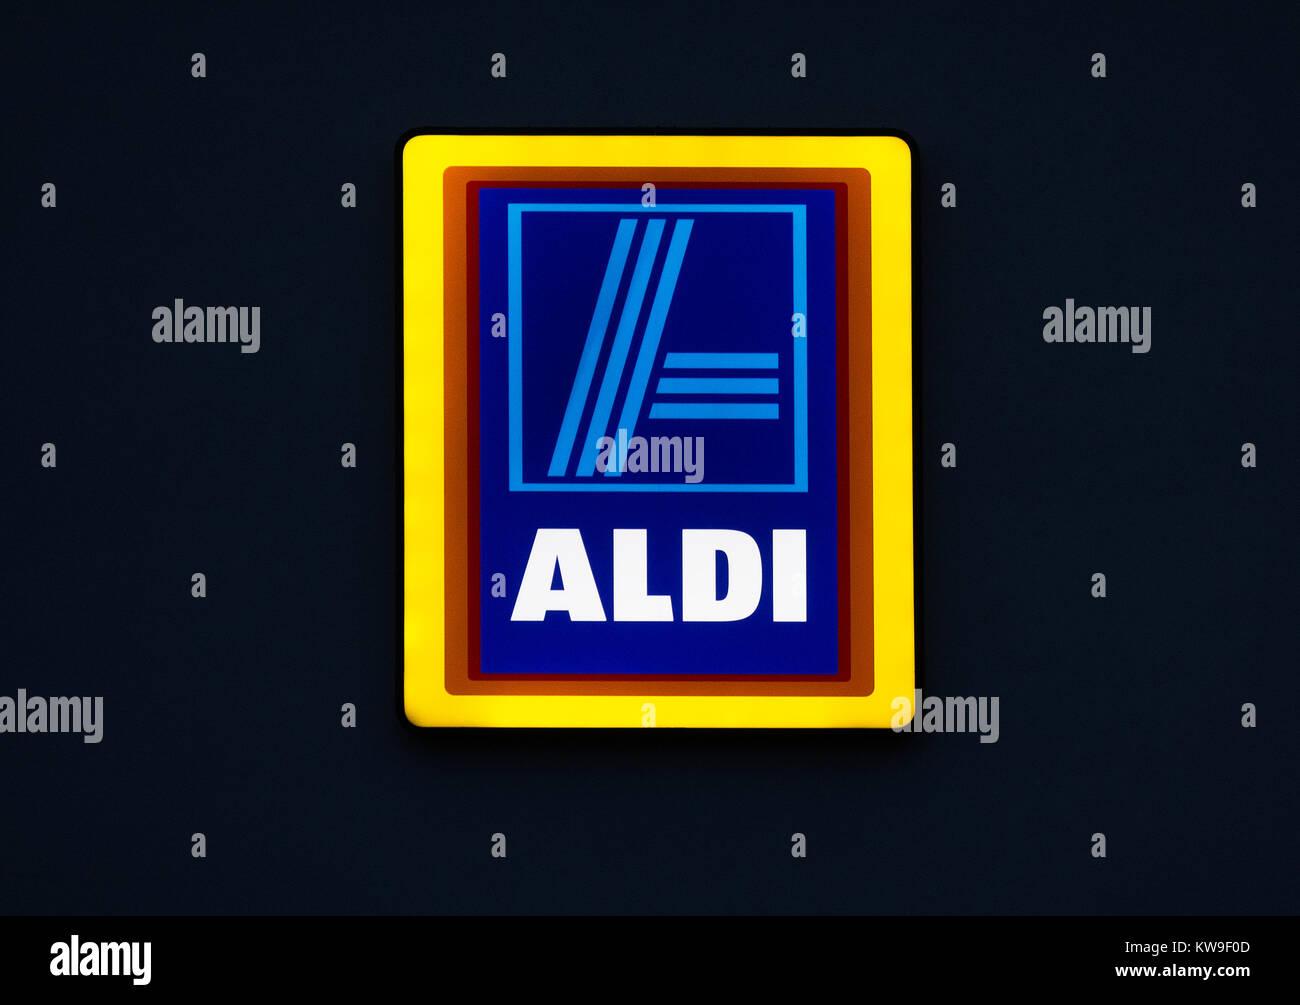 Tienda de Aldi sign company Logo luz de neón Imagen De Stock